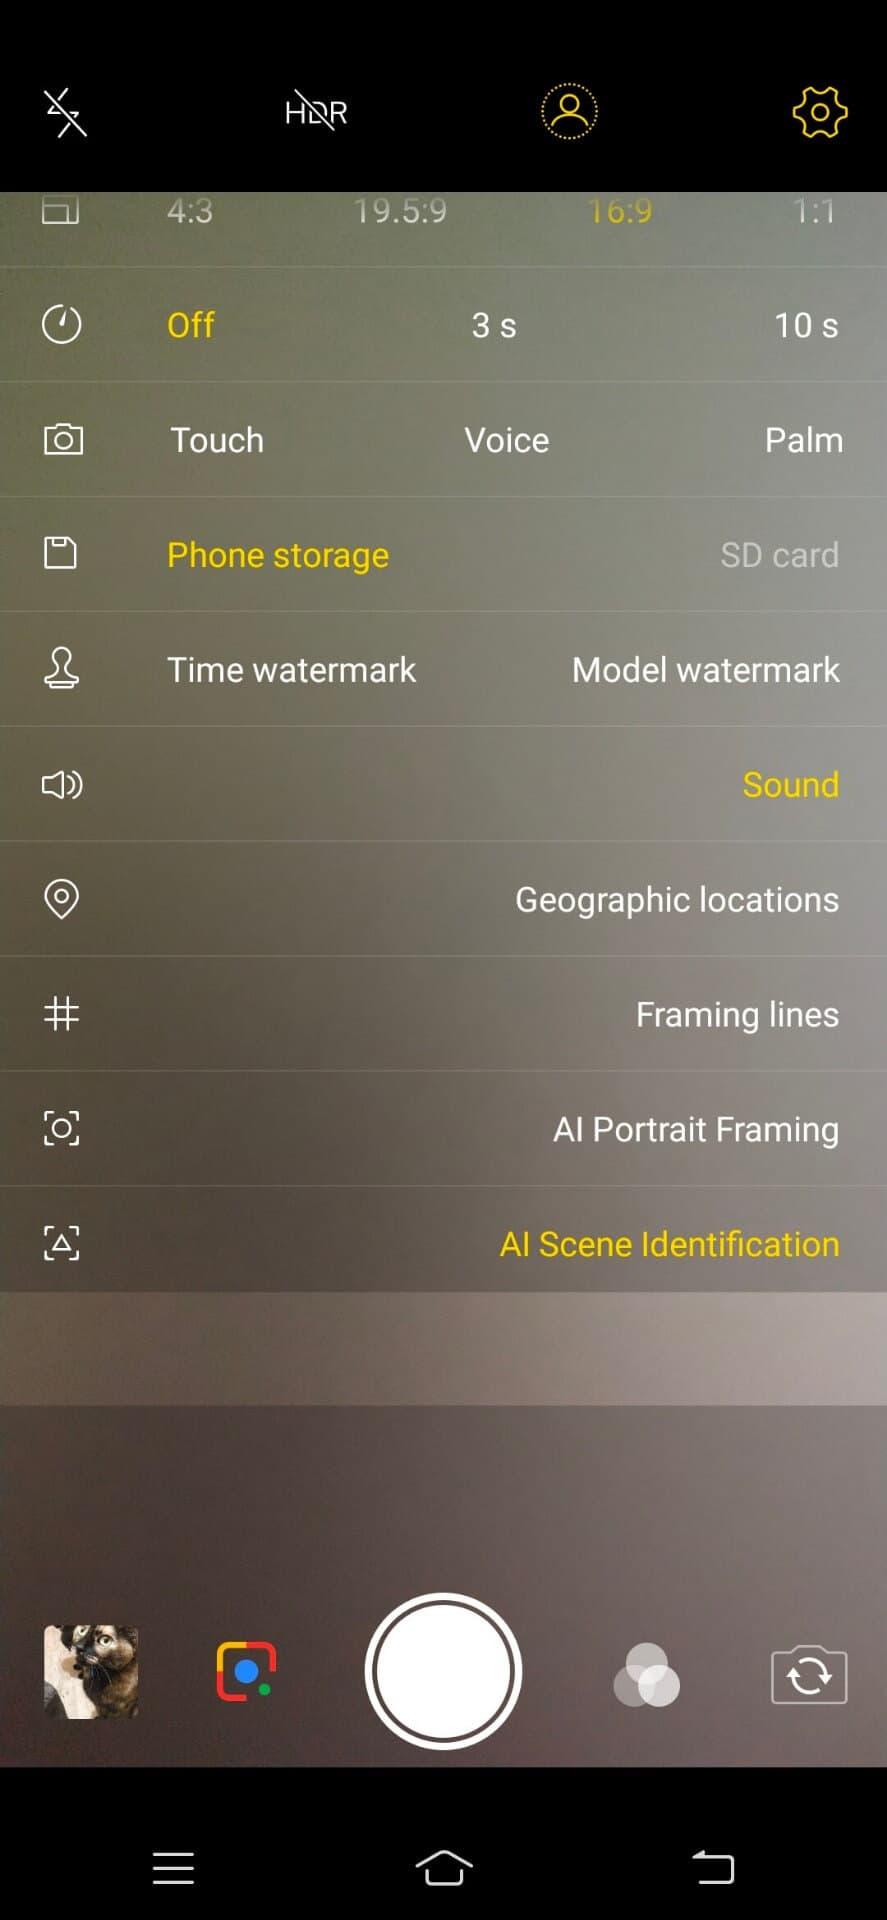 Vivo V11 Review Scrnsht Cam Software 10